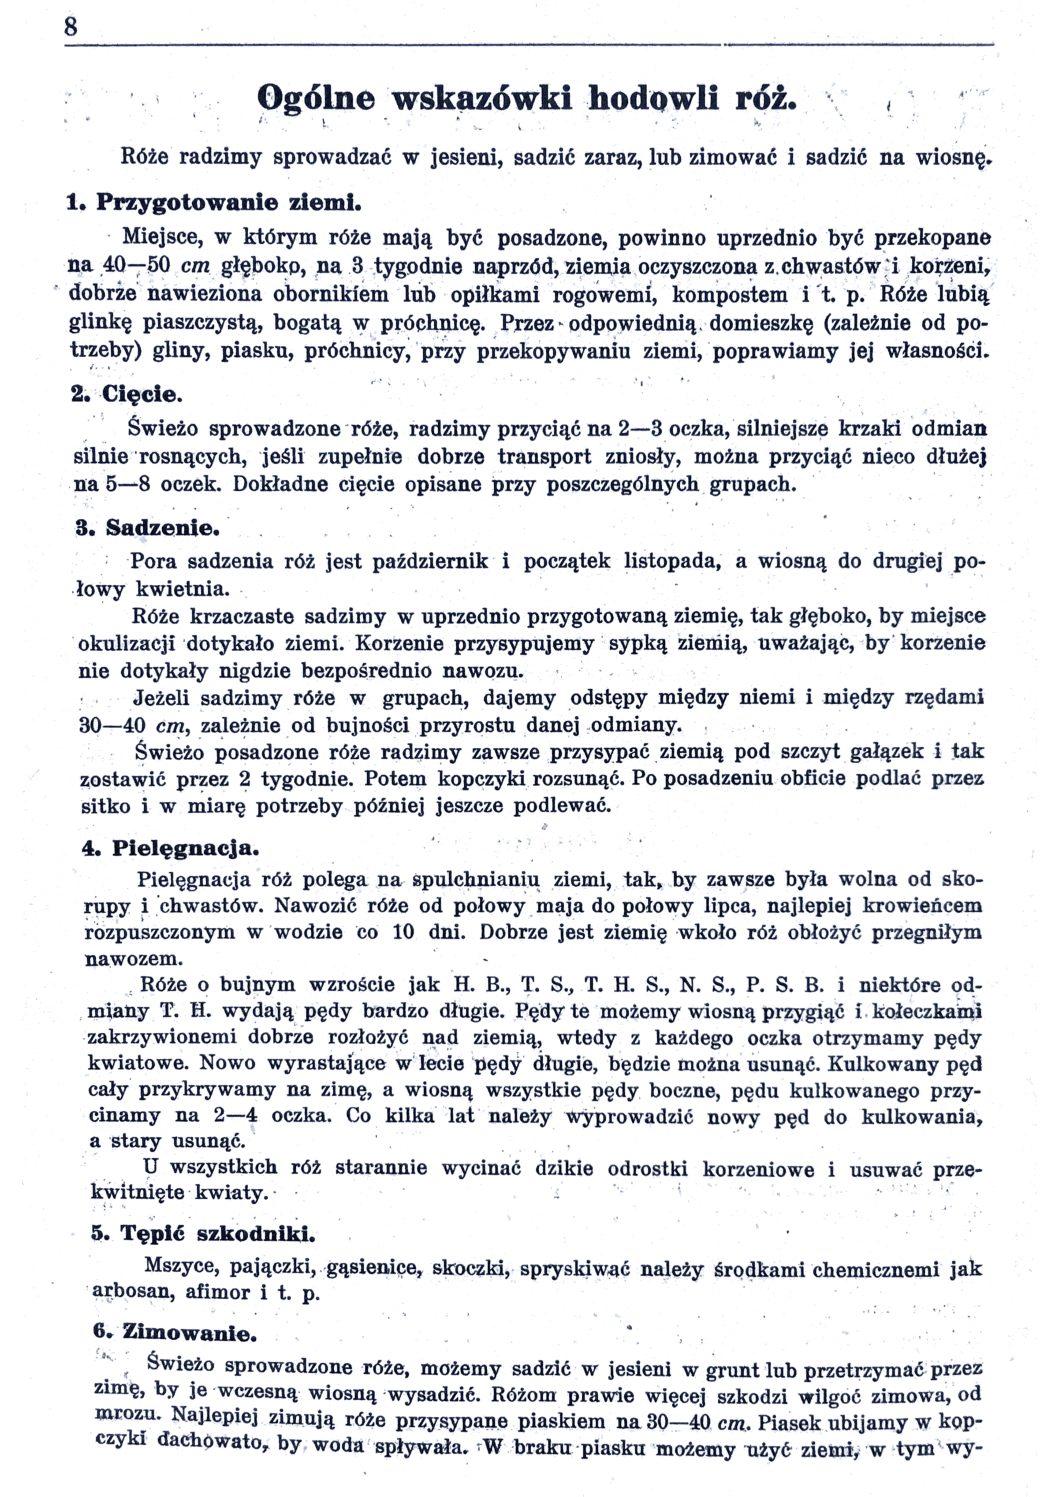 Cennik szkółek ogrodniczych Stanisława Dzieduszyckiego 8